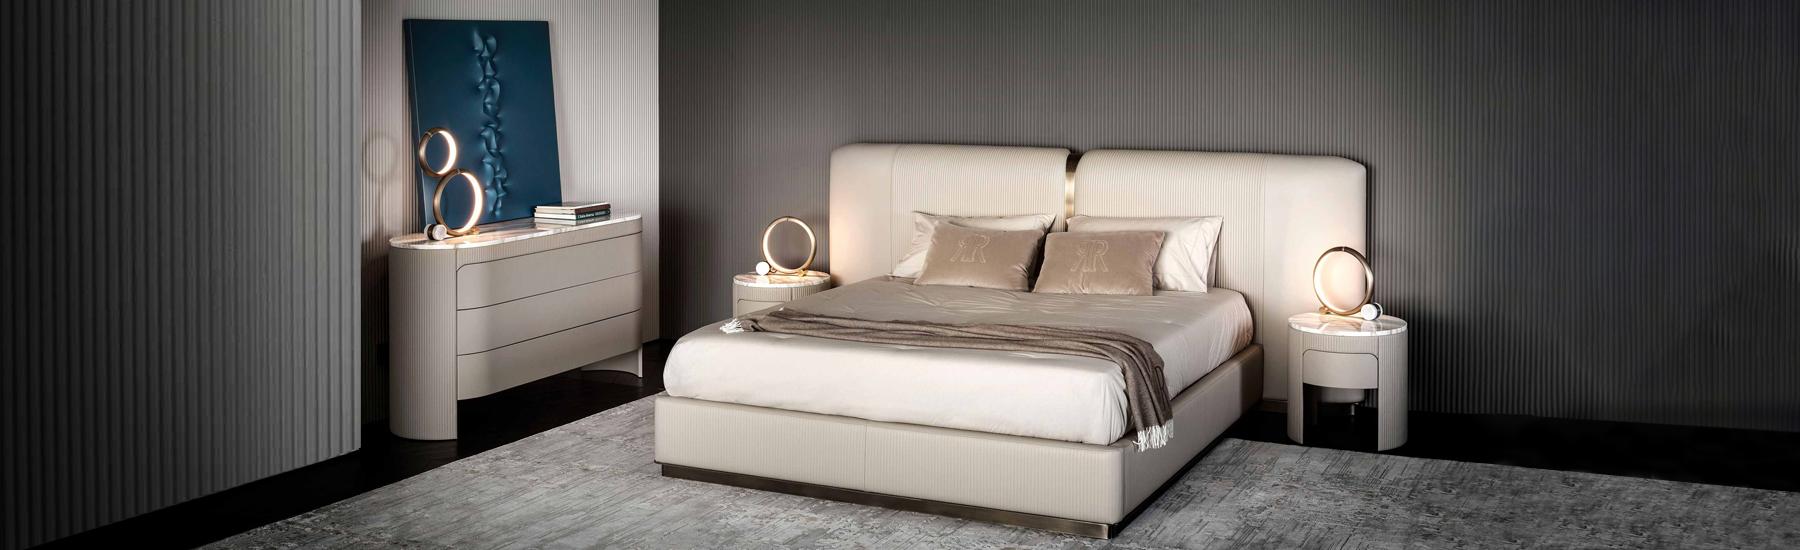 Vogue Bed